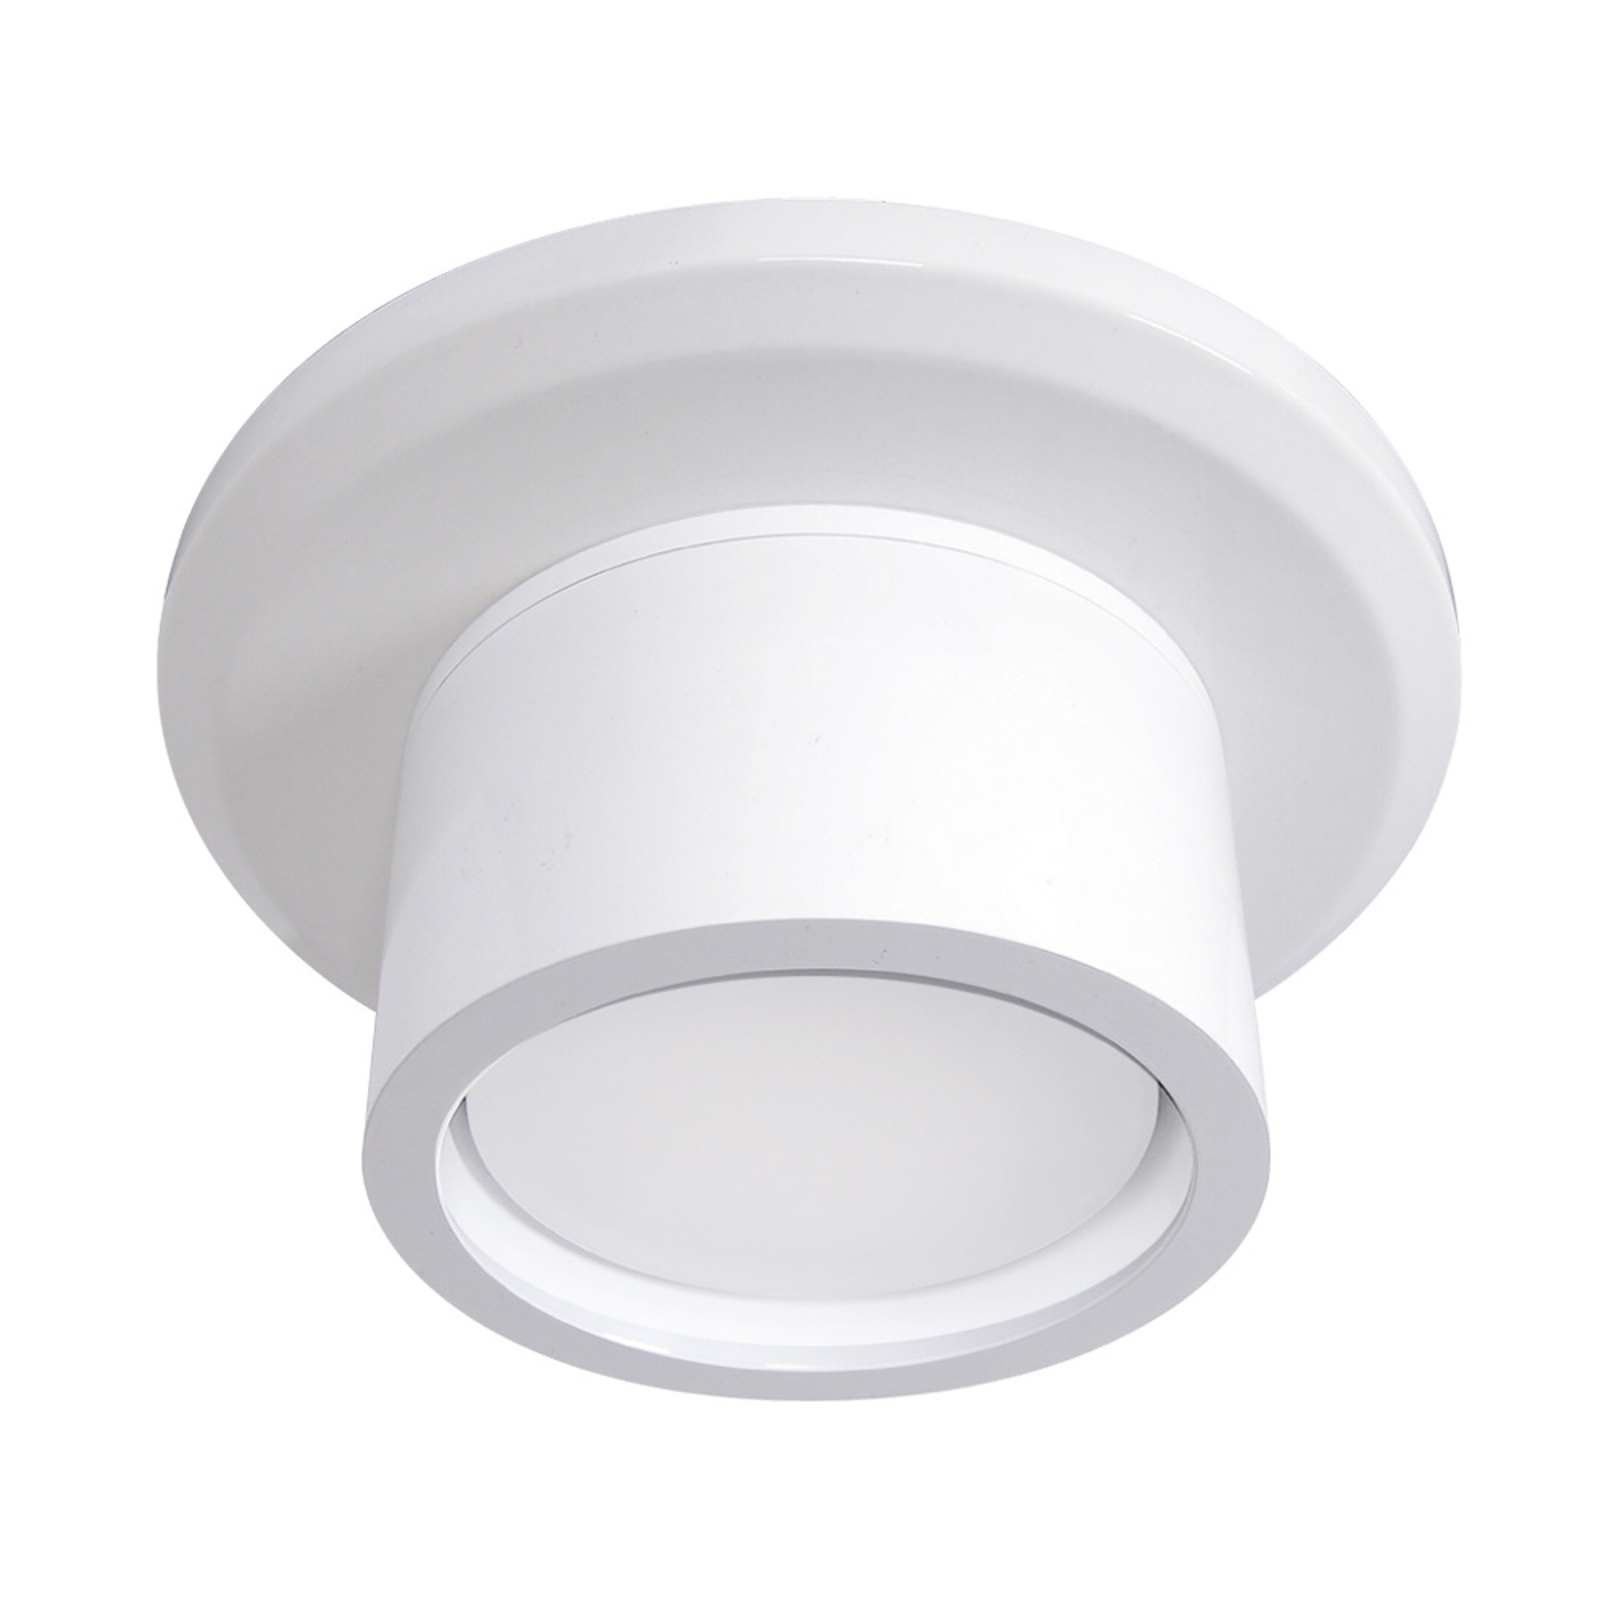 Licht-Kit für Deckenventilator - GX53 weiß